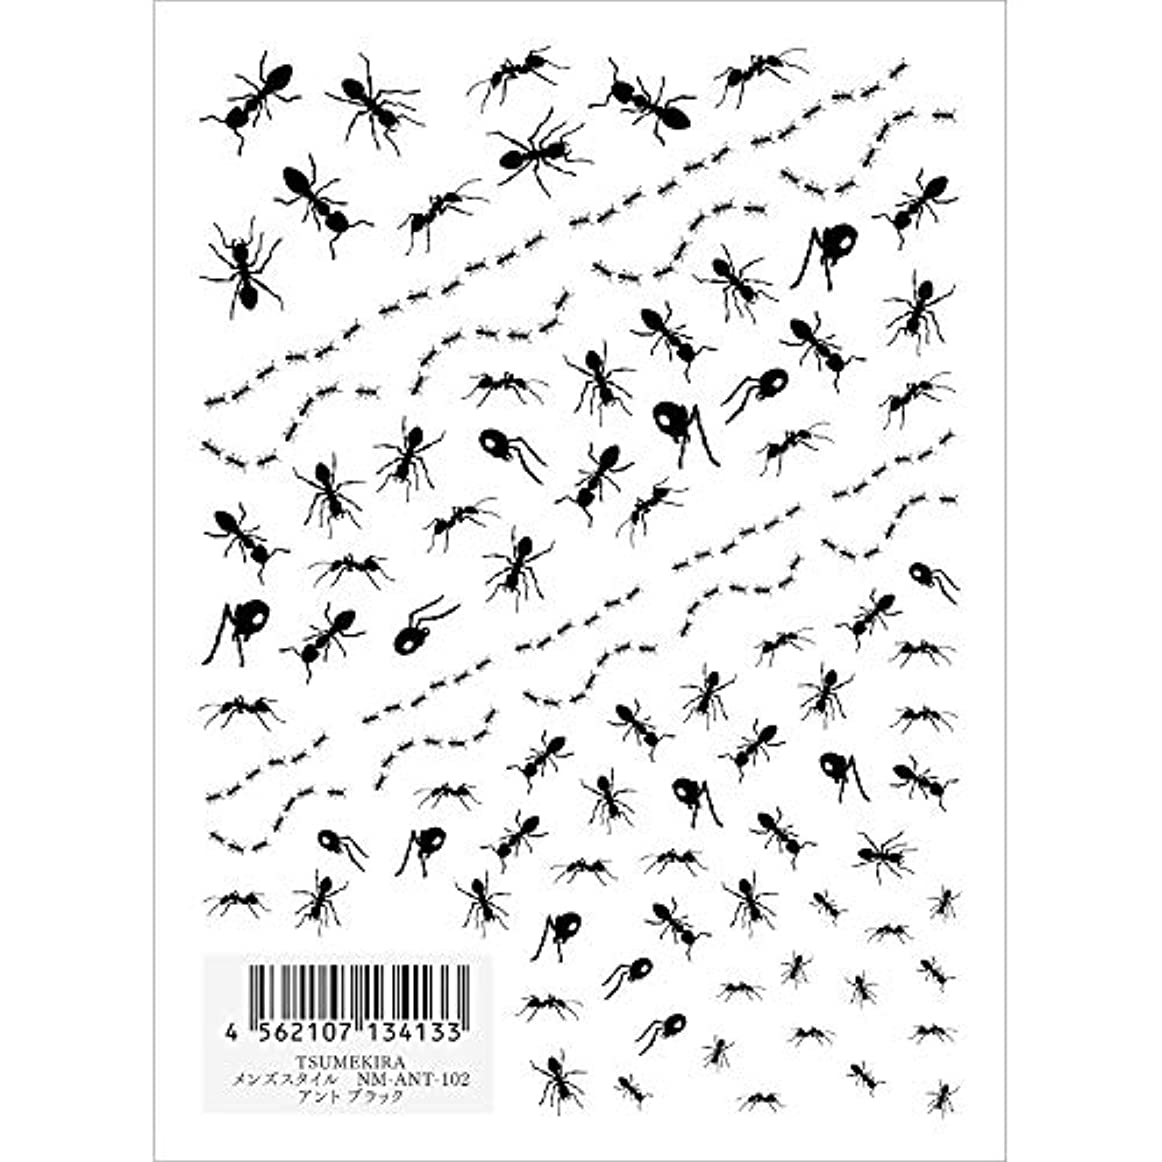 迫害分散先住民ツメキラ ネイル用シール メンズスタイル アント ブラック